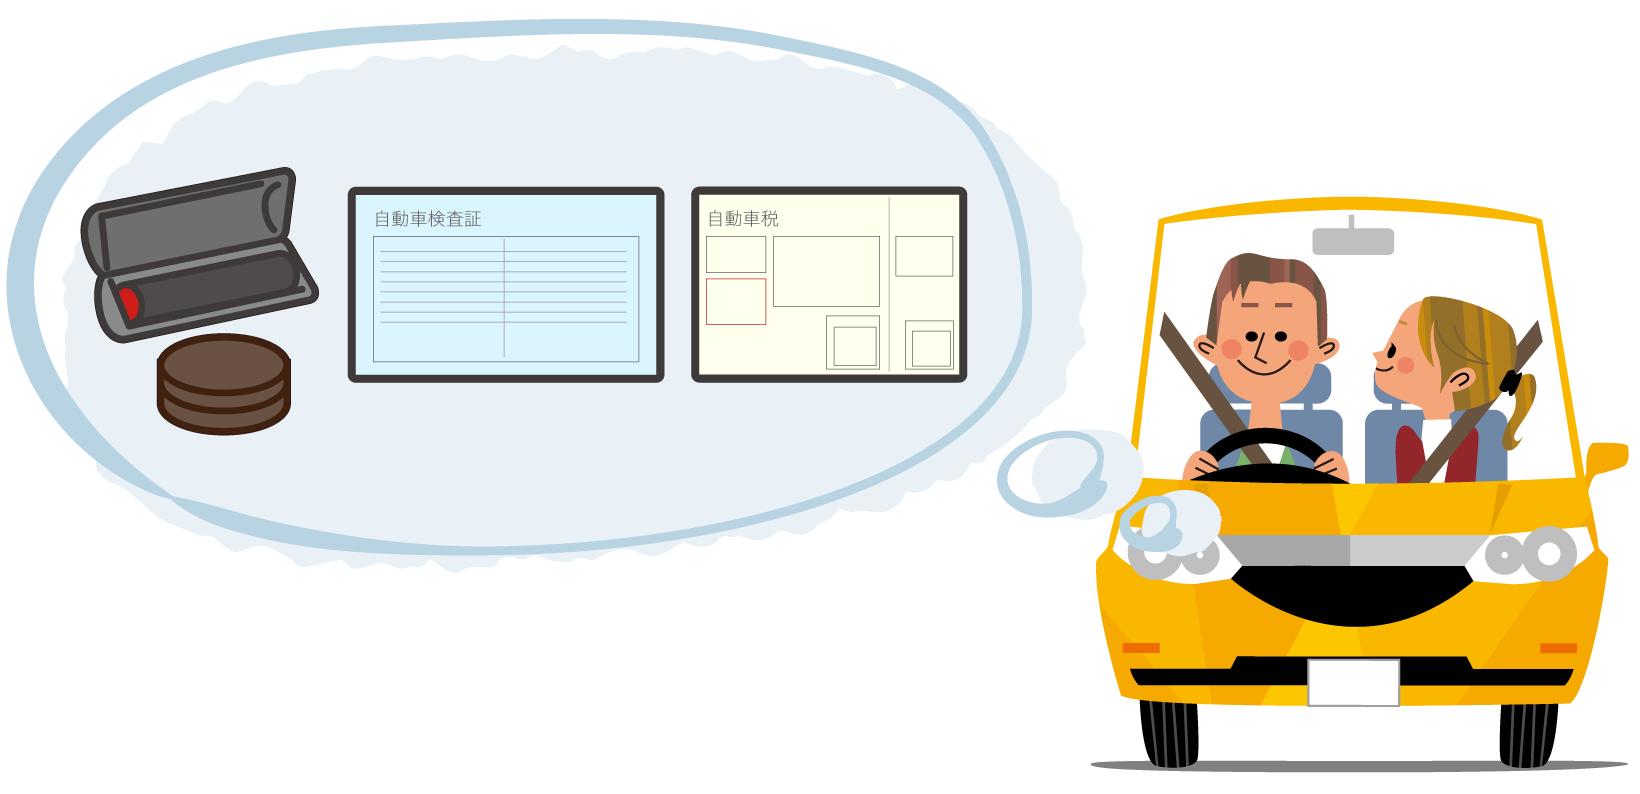 ユーザー車検では以下のものが必要。自動車検査証、認め印、自賠責保険証明書、自動車税納税証明書、記録簿・定期点検整備記録簿、自動車検査票・継続検査申請書・自動車重量税納付書